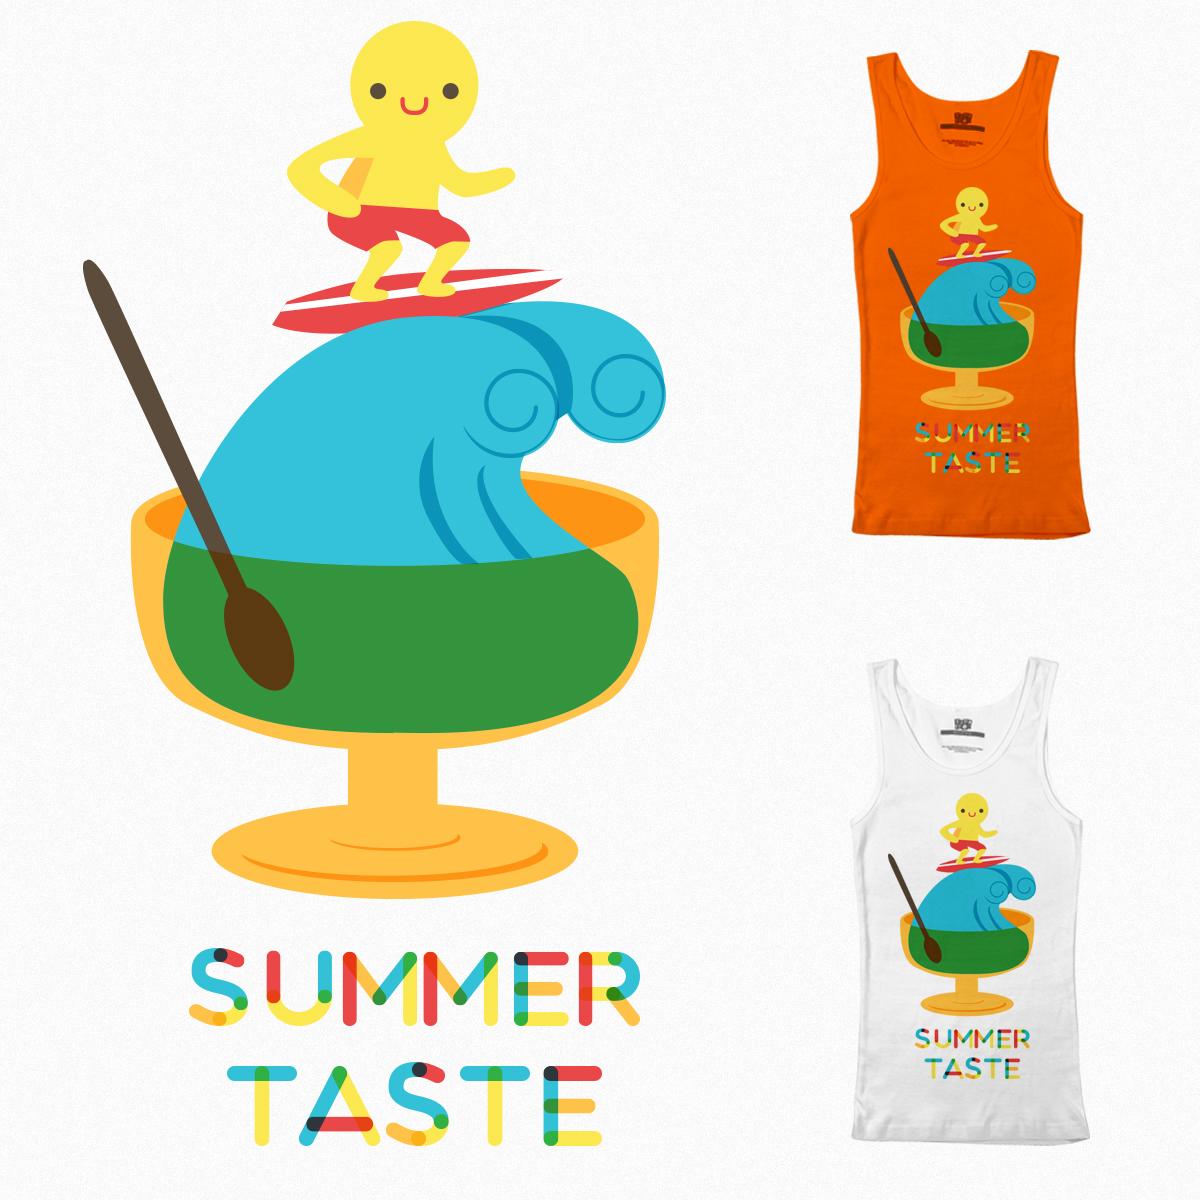 Summer Taste by itza.maturanaluco on Threadless